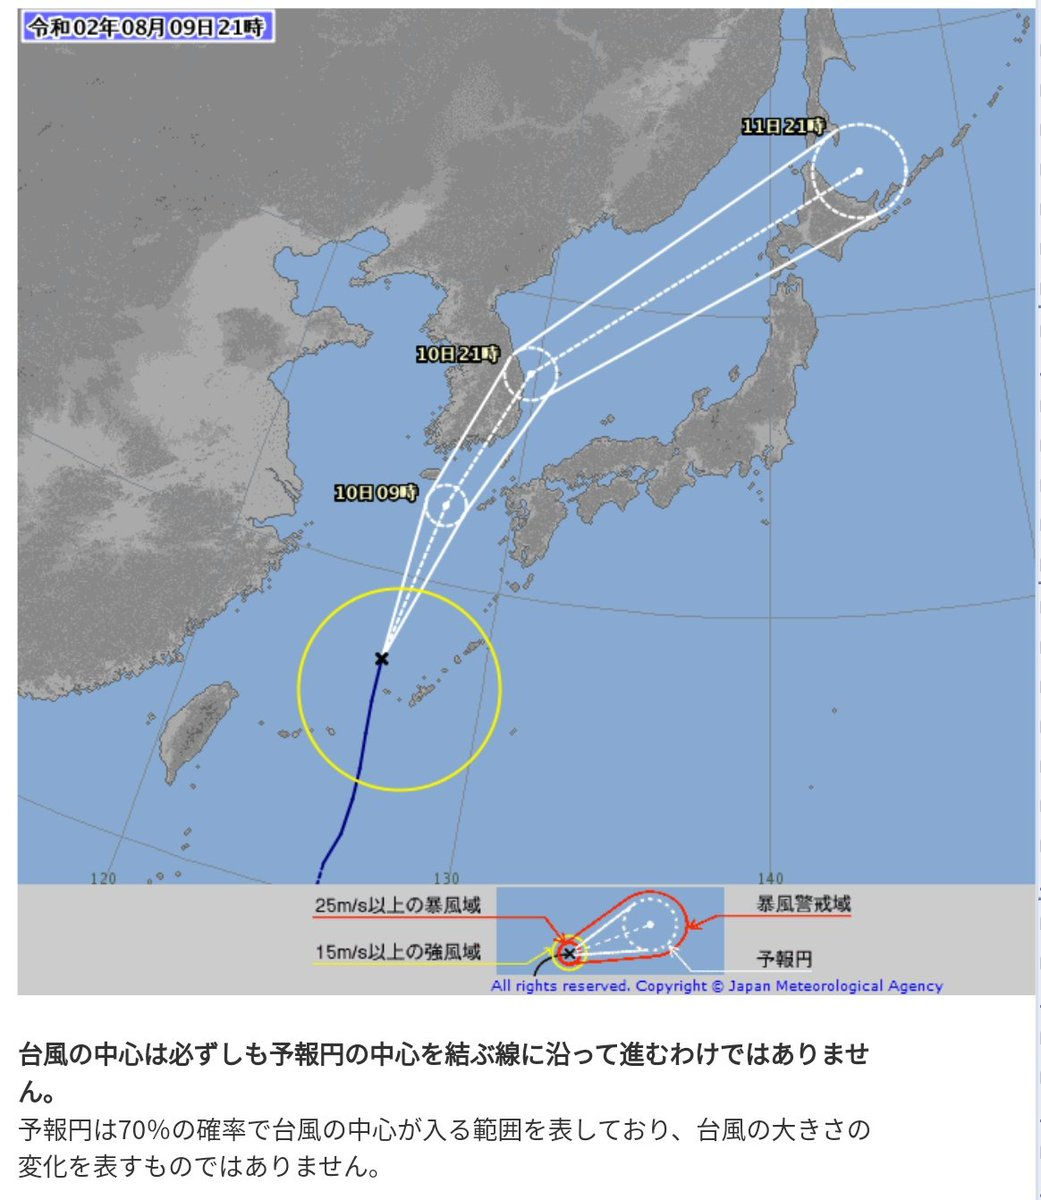 """まこつデラックス on Twitter: """"気象庁発表 台風5号(TS 2005 Jangmi) 4 ..."""